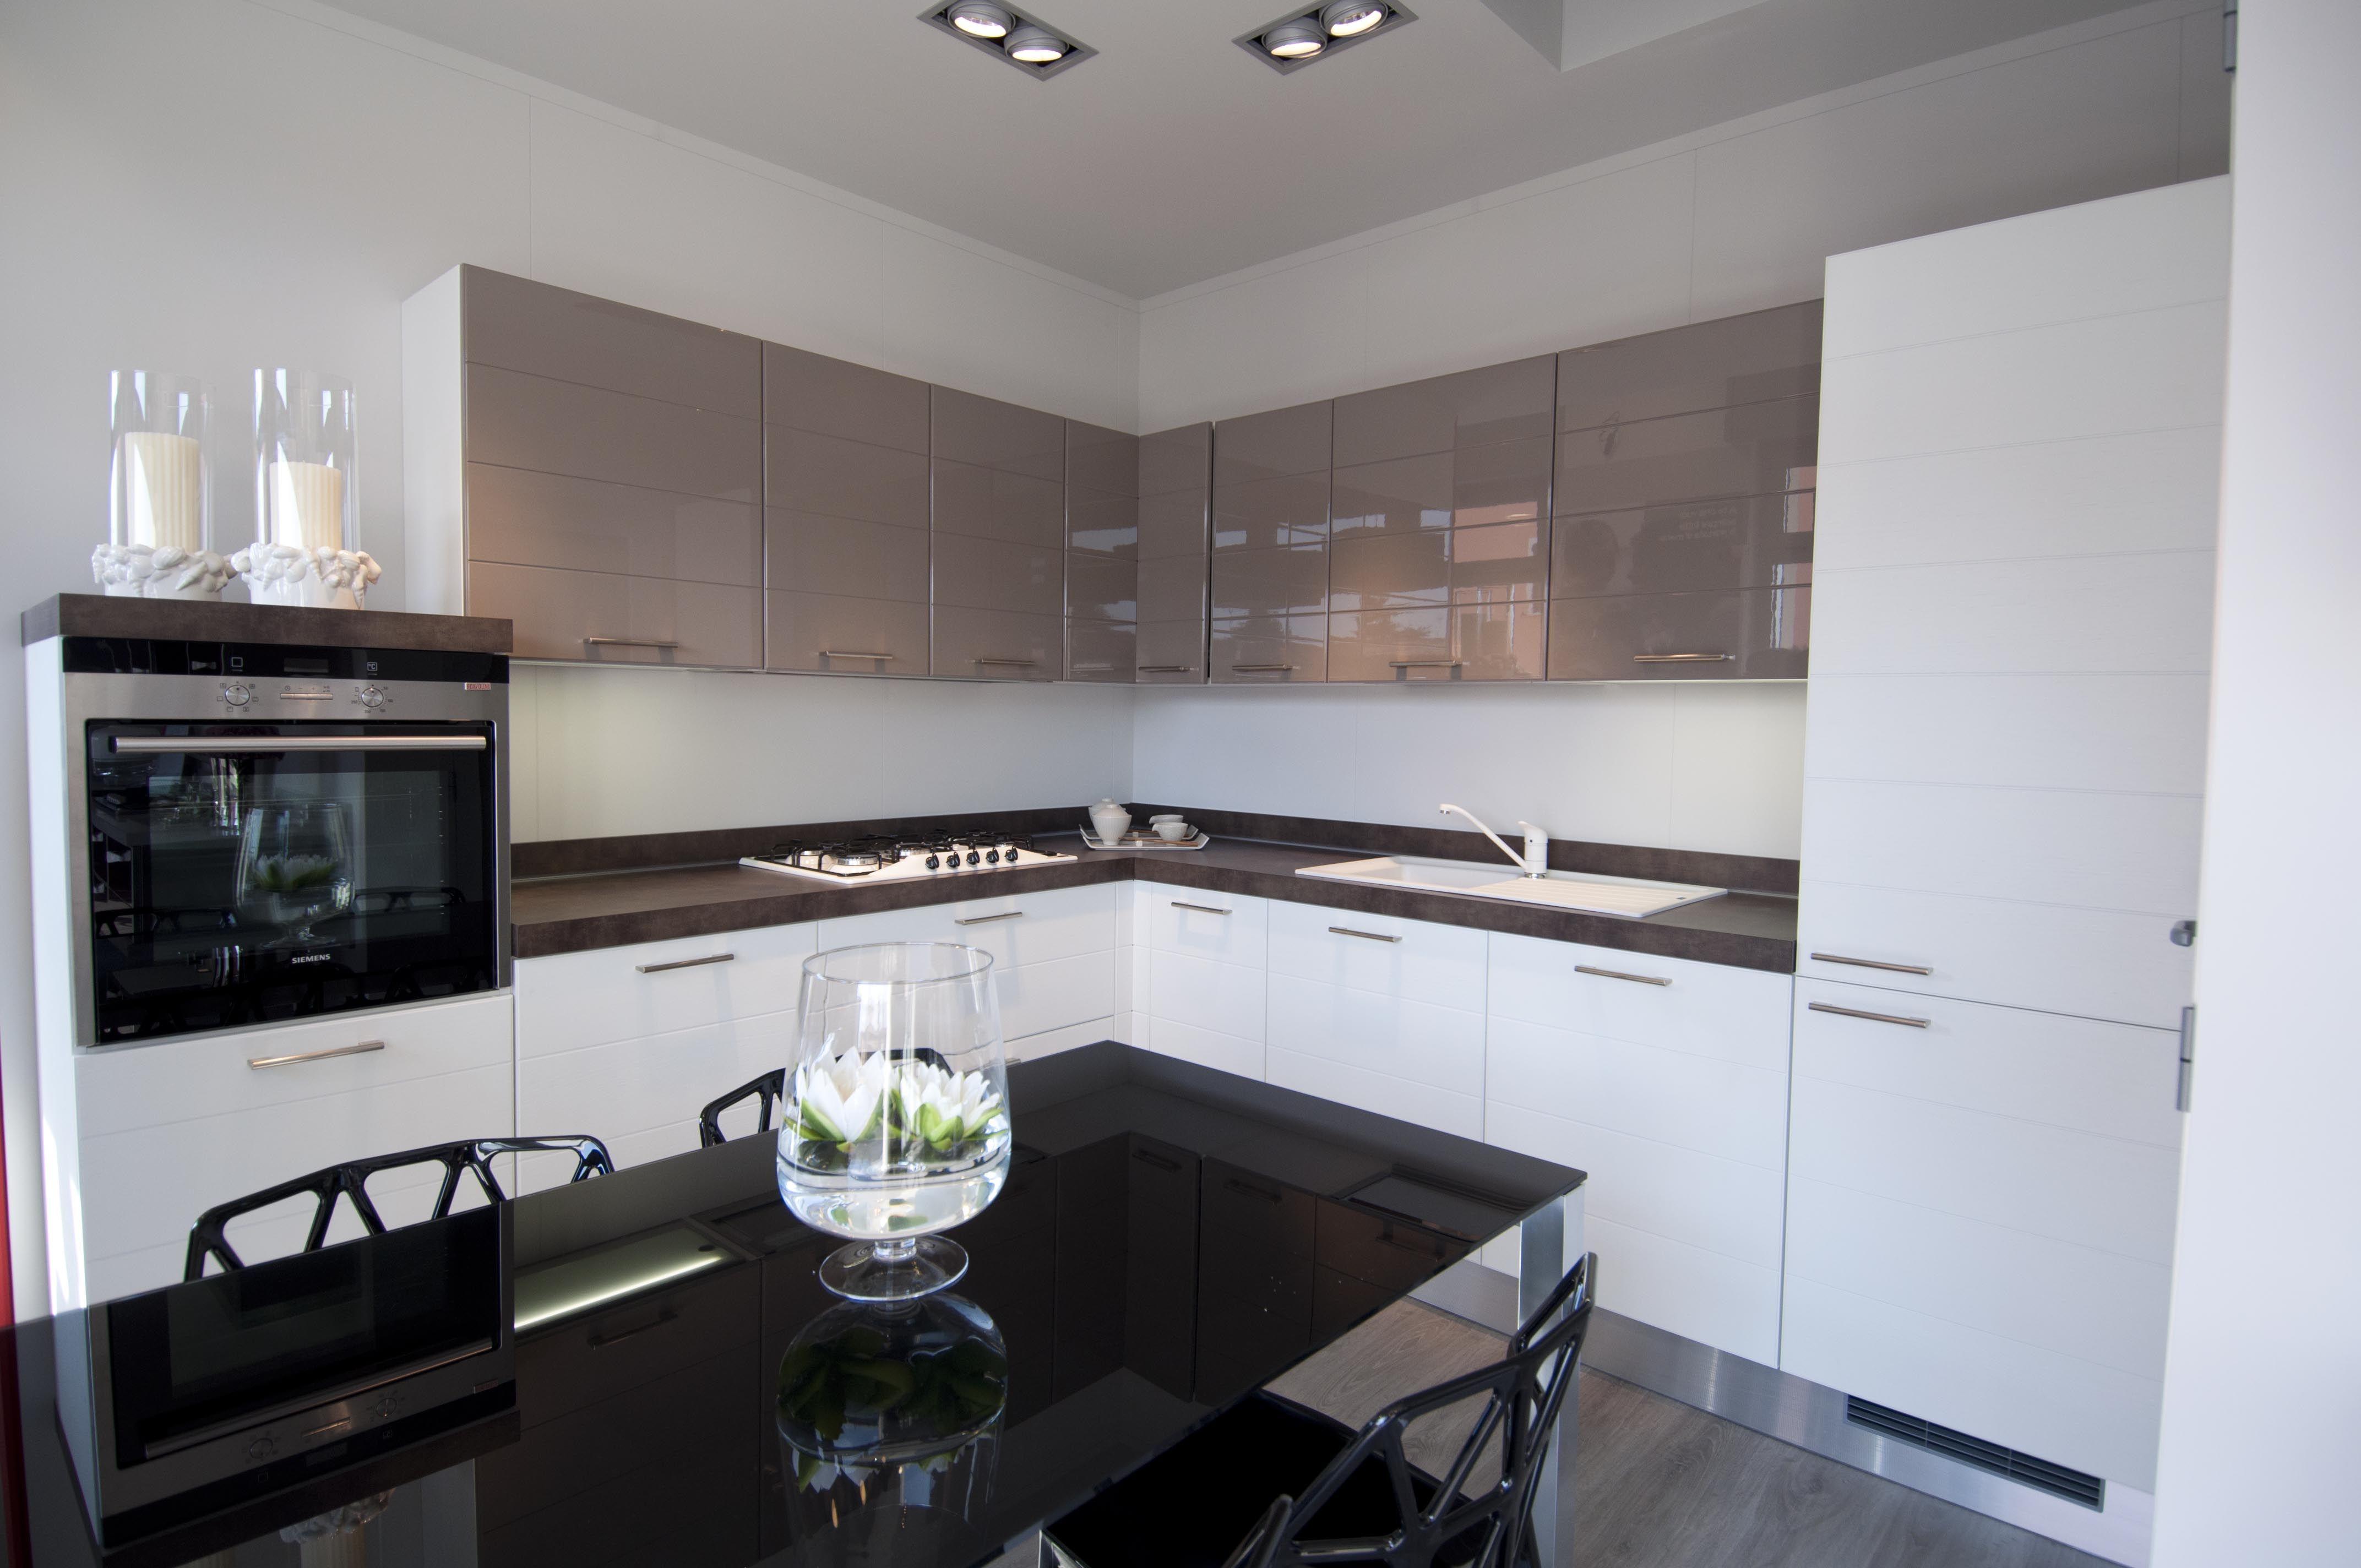 Cucine scavolini in esposizione composizione ad angolo for Immagini cucine